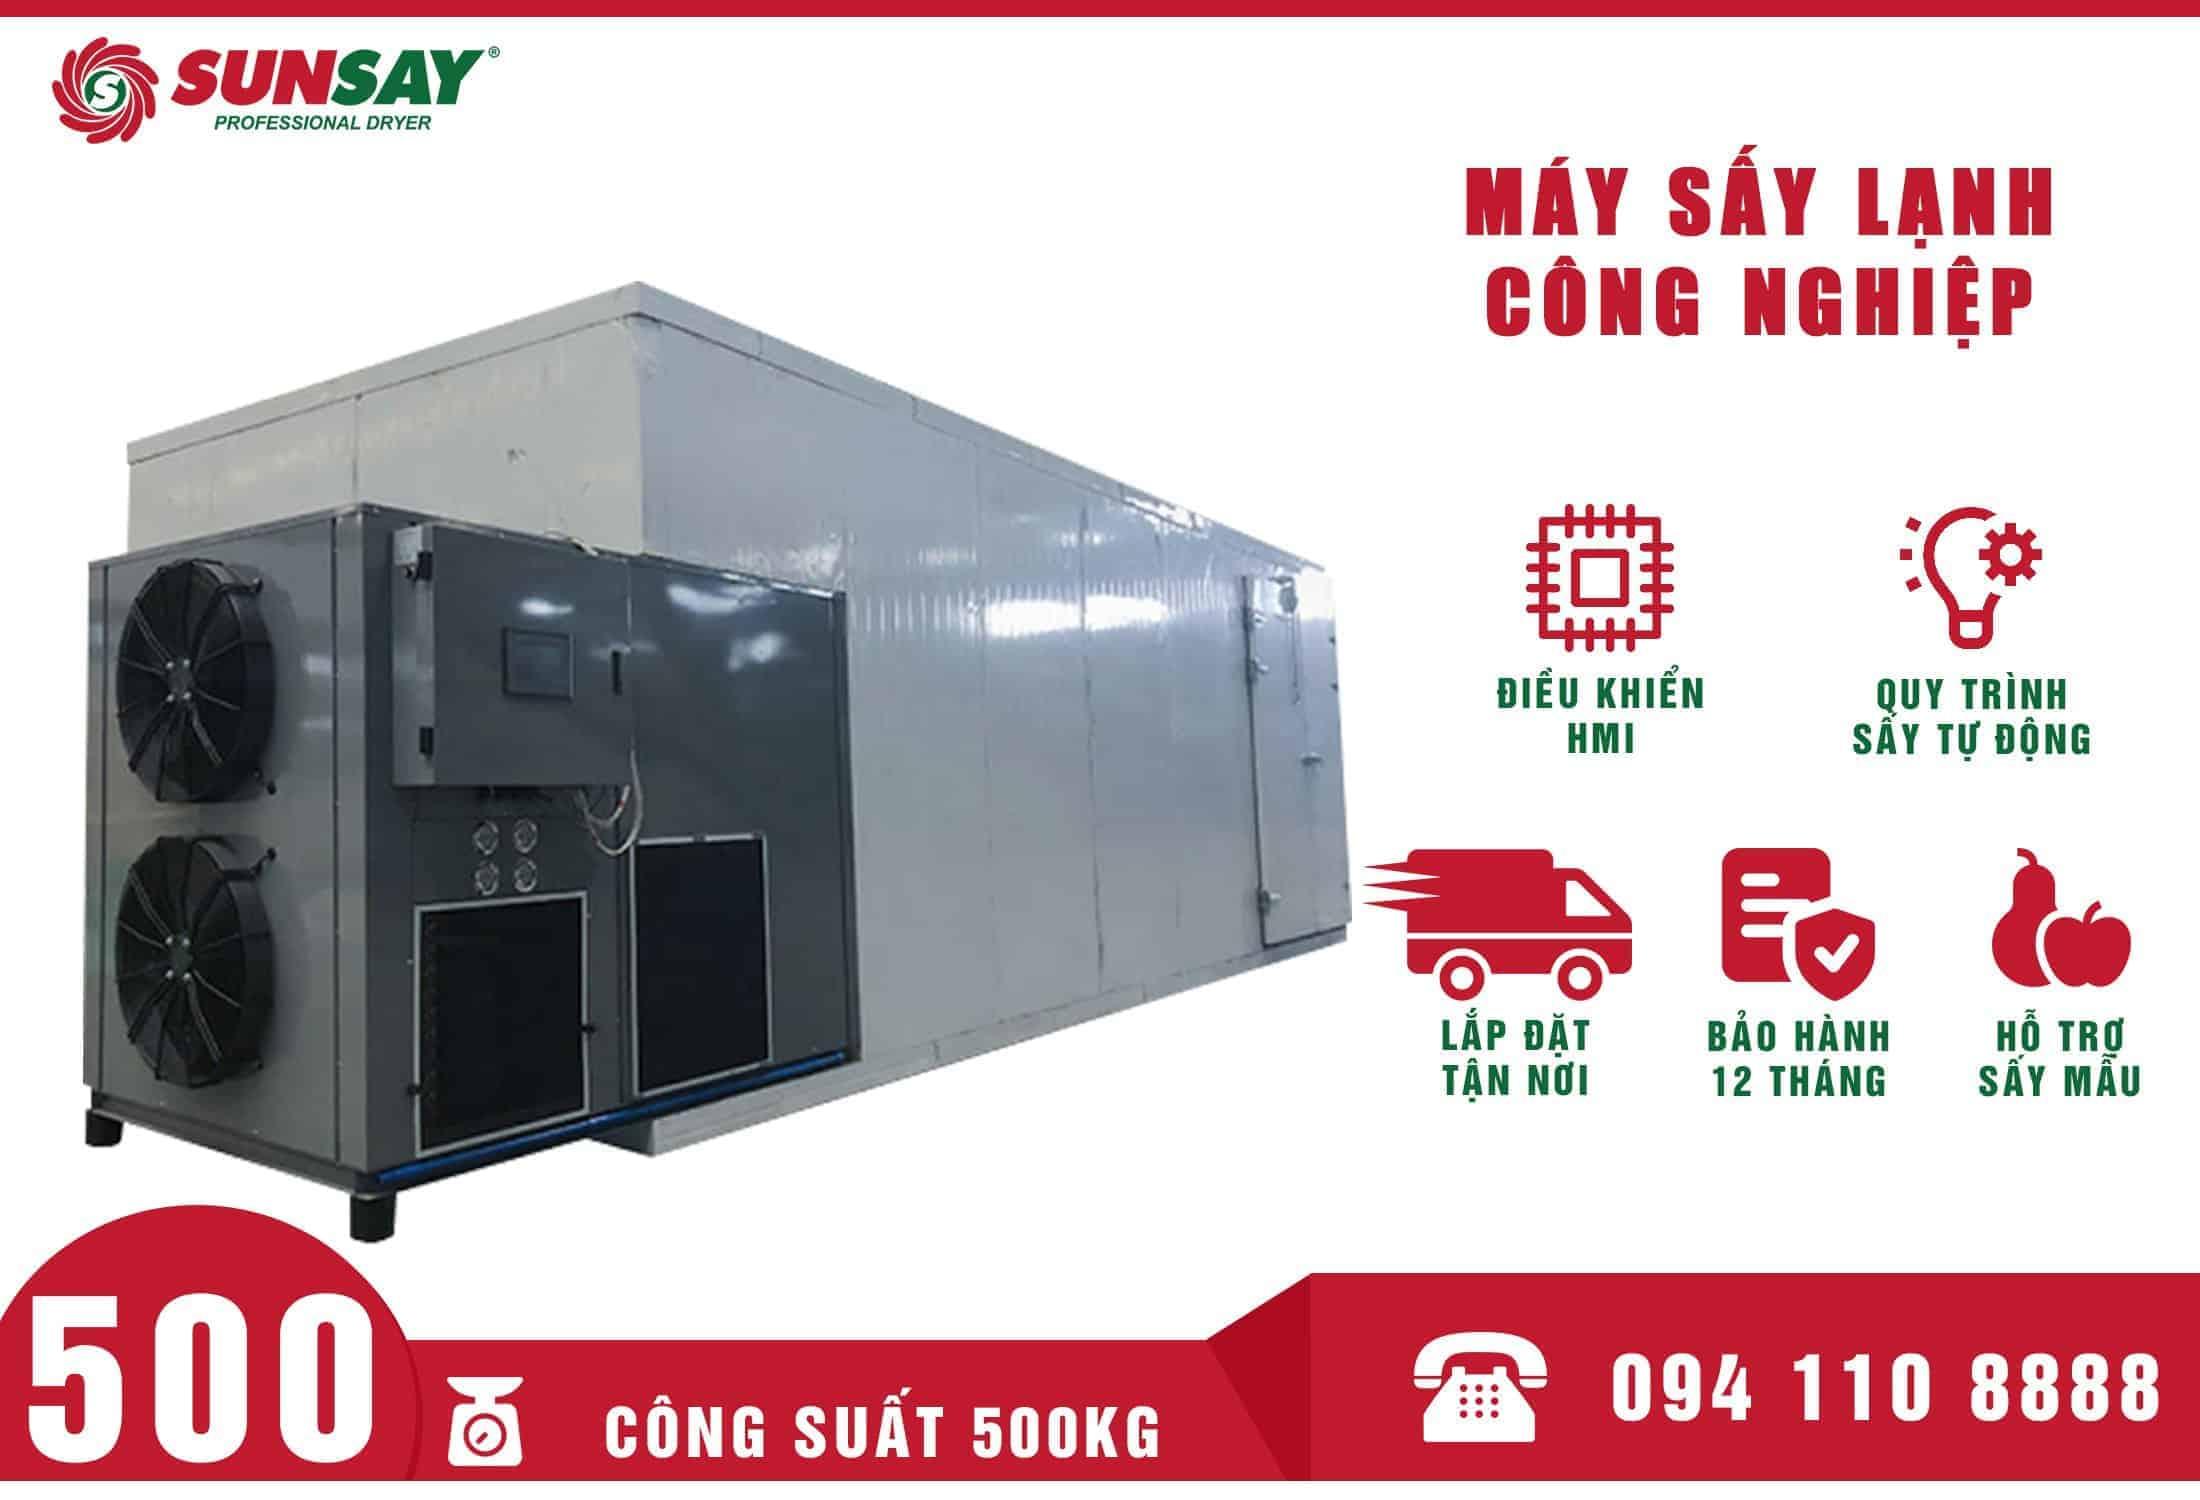 Máy sấy lạnh công nghiệp 500 Kg SUNSAY